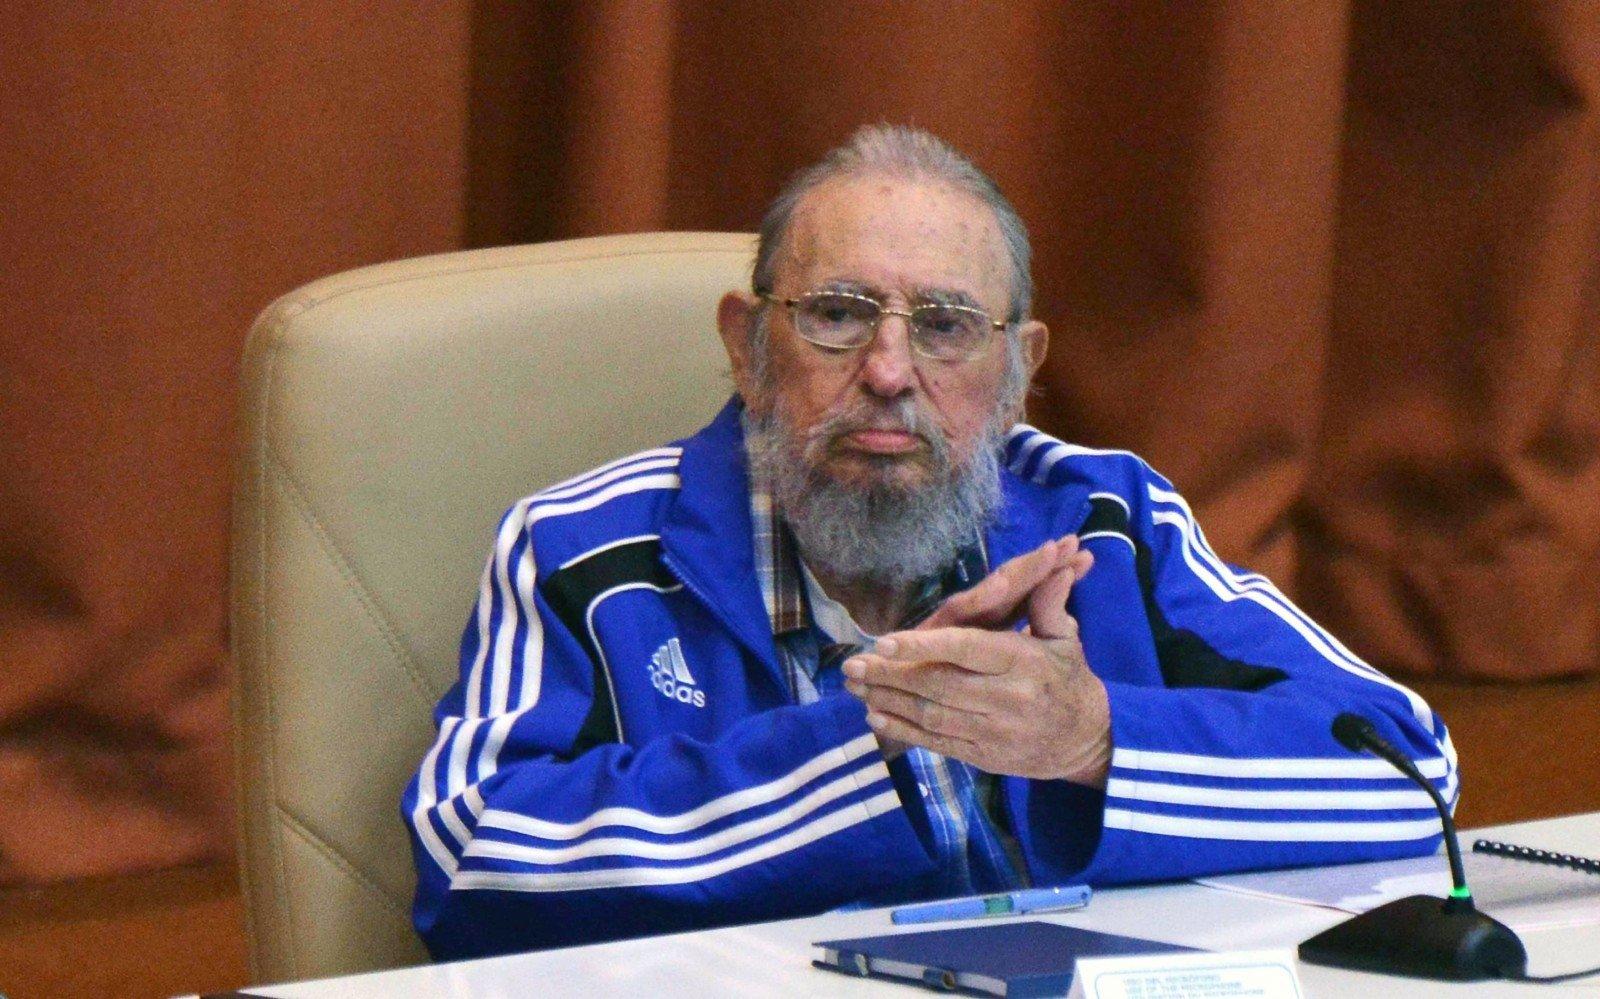 Кубинцы подготовили вподарок на90-летие Фиделю Кастро 90-метровую сигару